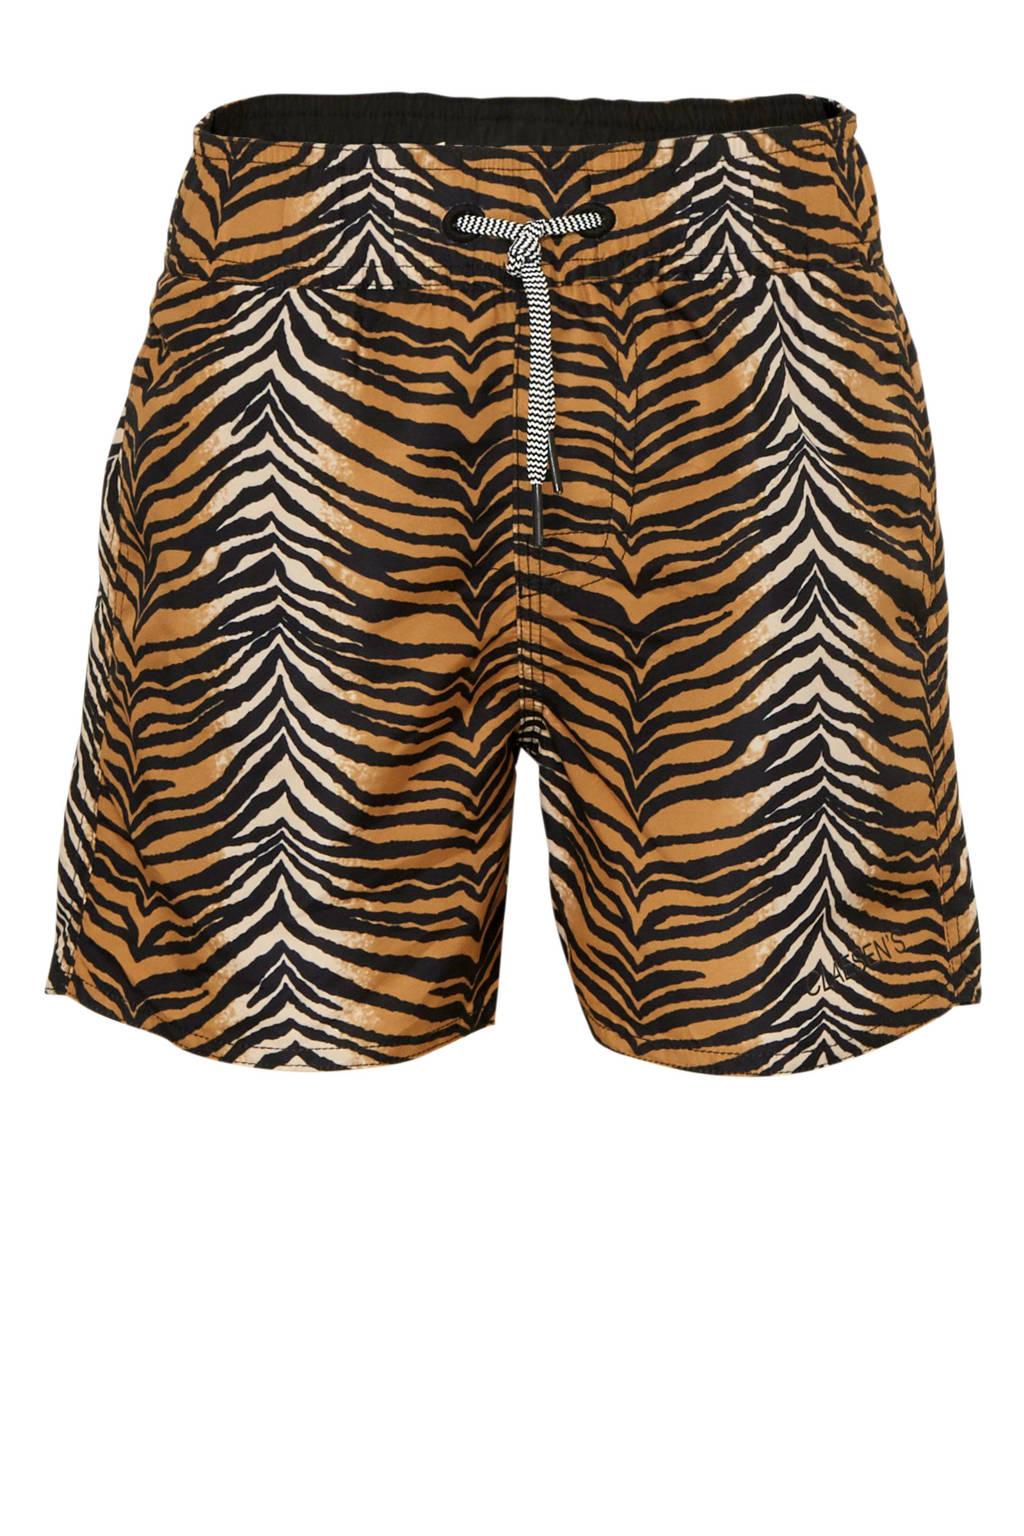 Claesen's zwemshort met zebraprint bruin, bruin/zwart/wit